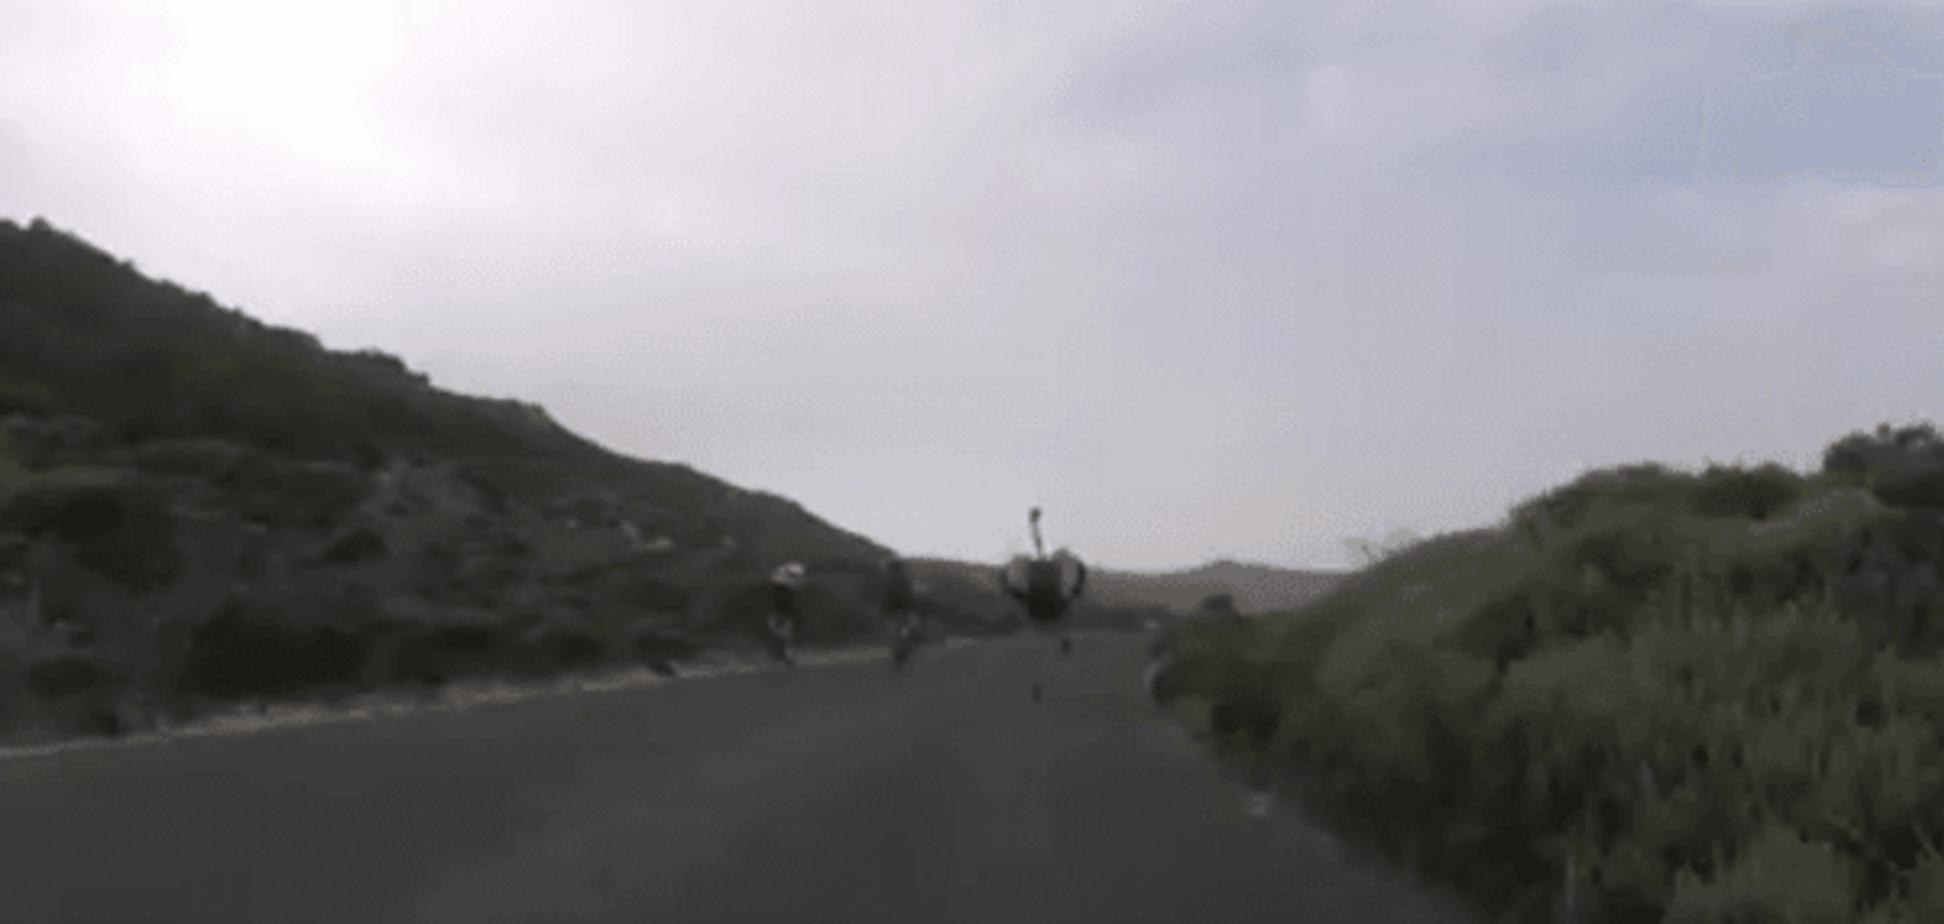 У Південній Африці страус влаштував ефектну погоню за велосипедистами: відеофакт